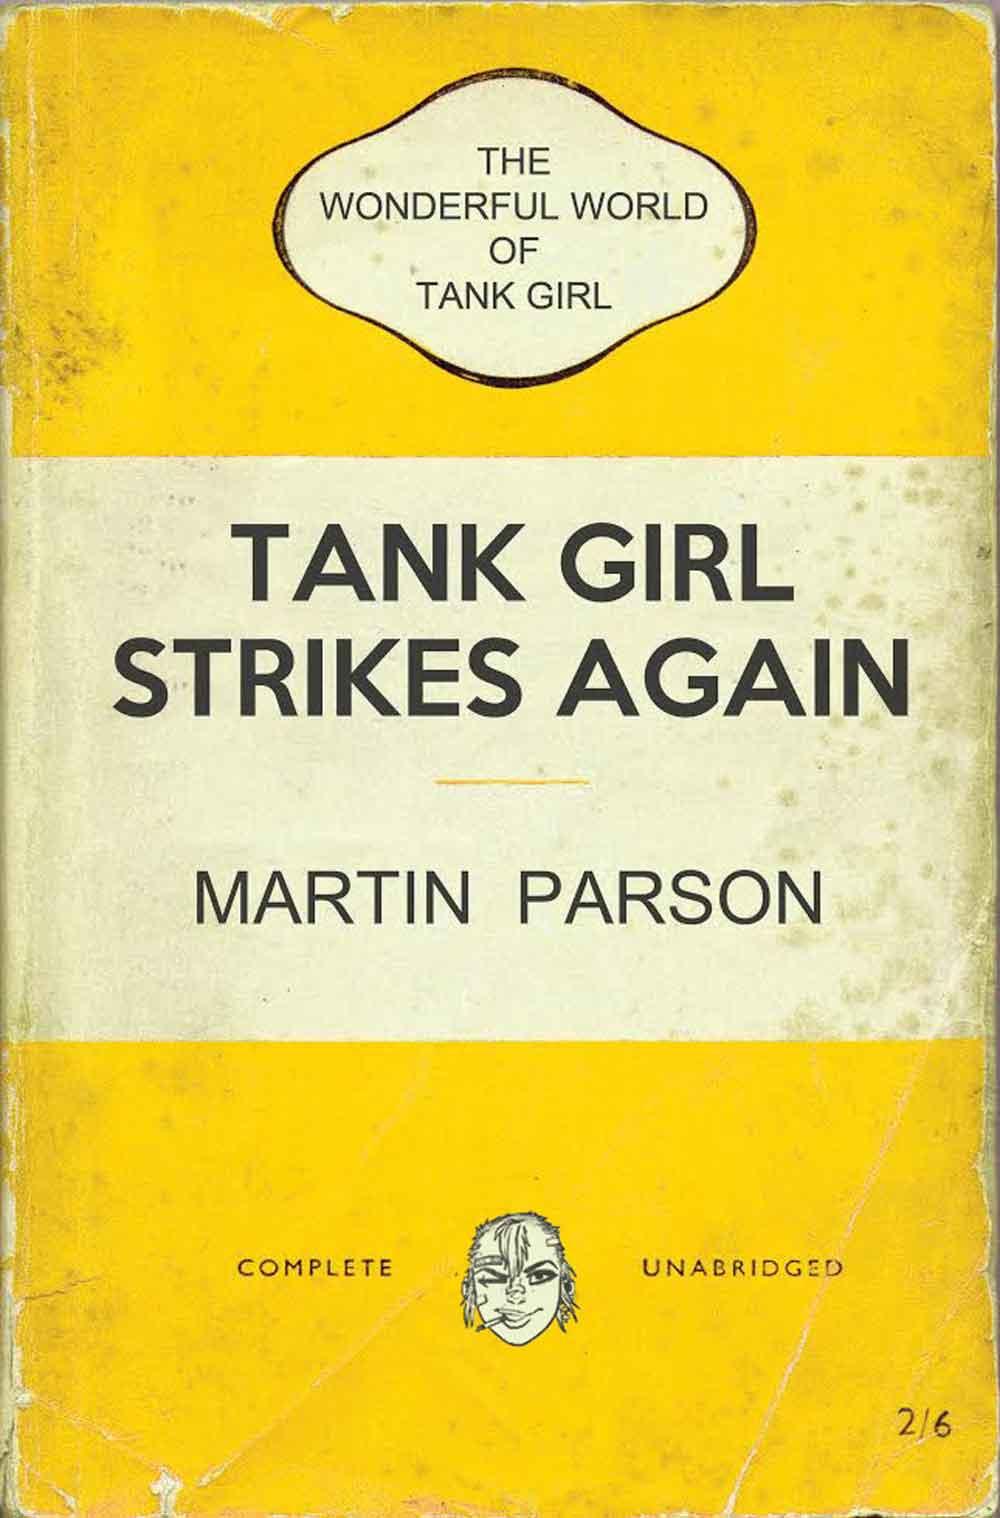 Wonderful-World-Tank-Girl-Cover-C-Alan-Martin-Bookshelf-Variant.jpg